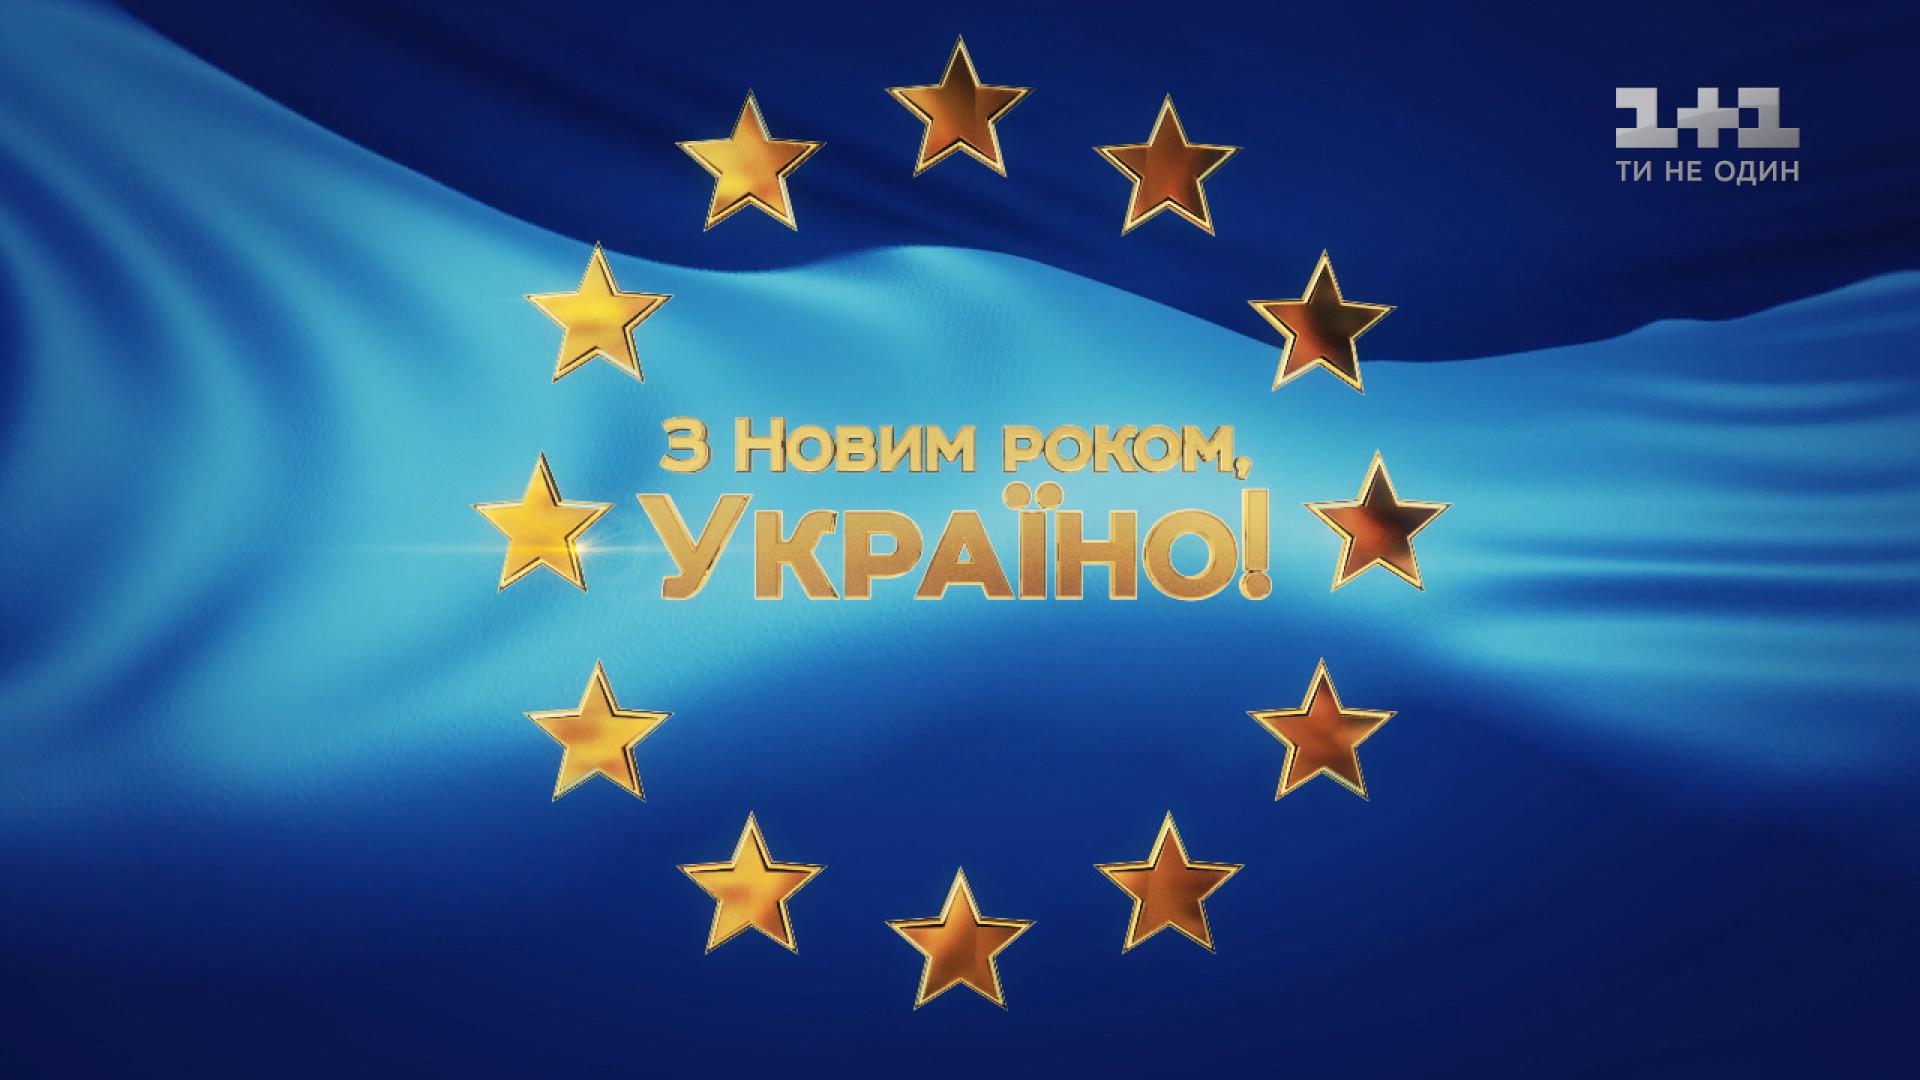 Новогоднее поздравление президента украины 2017